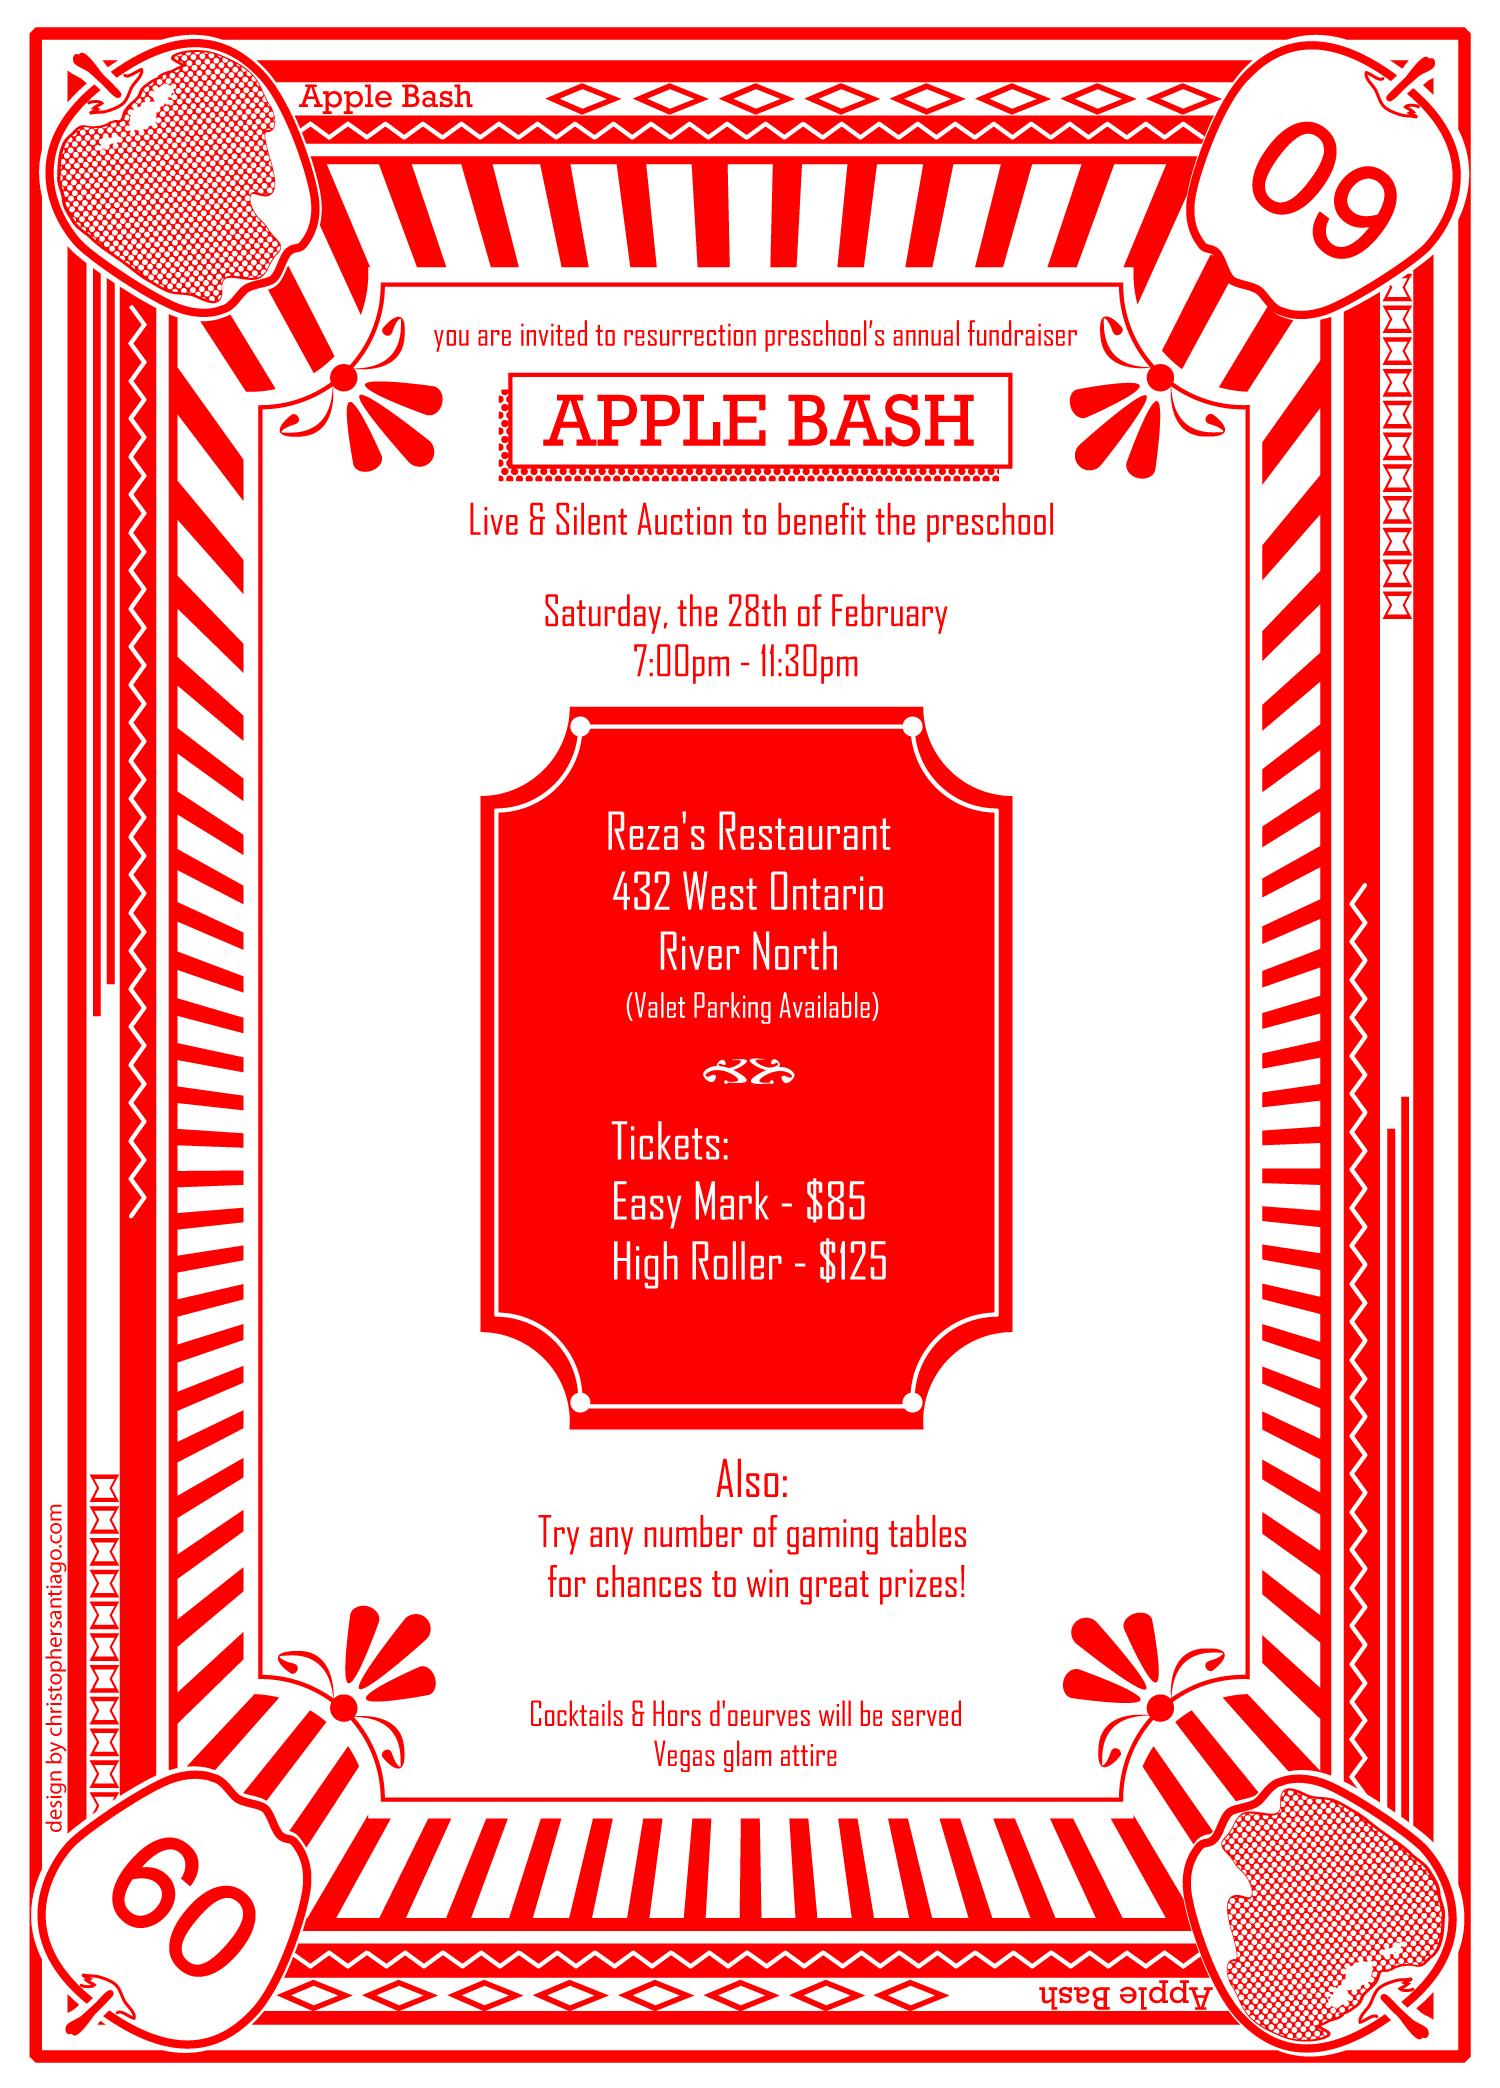 Resurrection Preschool Fundraiser Invite 2009.jpg